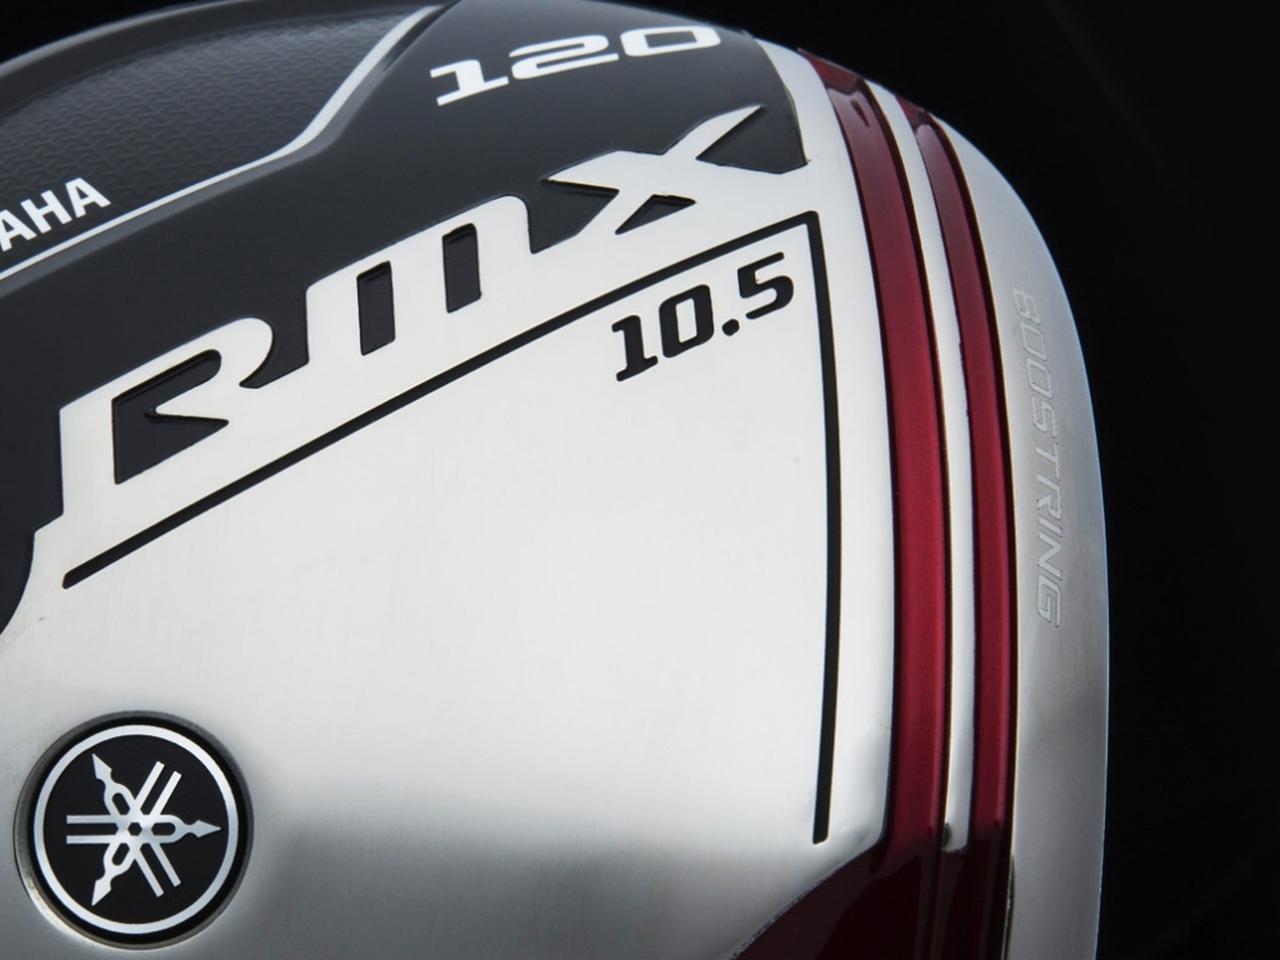 画像: 【ドライバー研究】ブーストリングの飛びとねじれない弾道。ヤマハから登場した新RMX - ゴルフへ行こうWEB by ゴルフダイジェスト